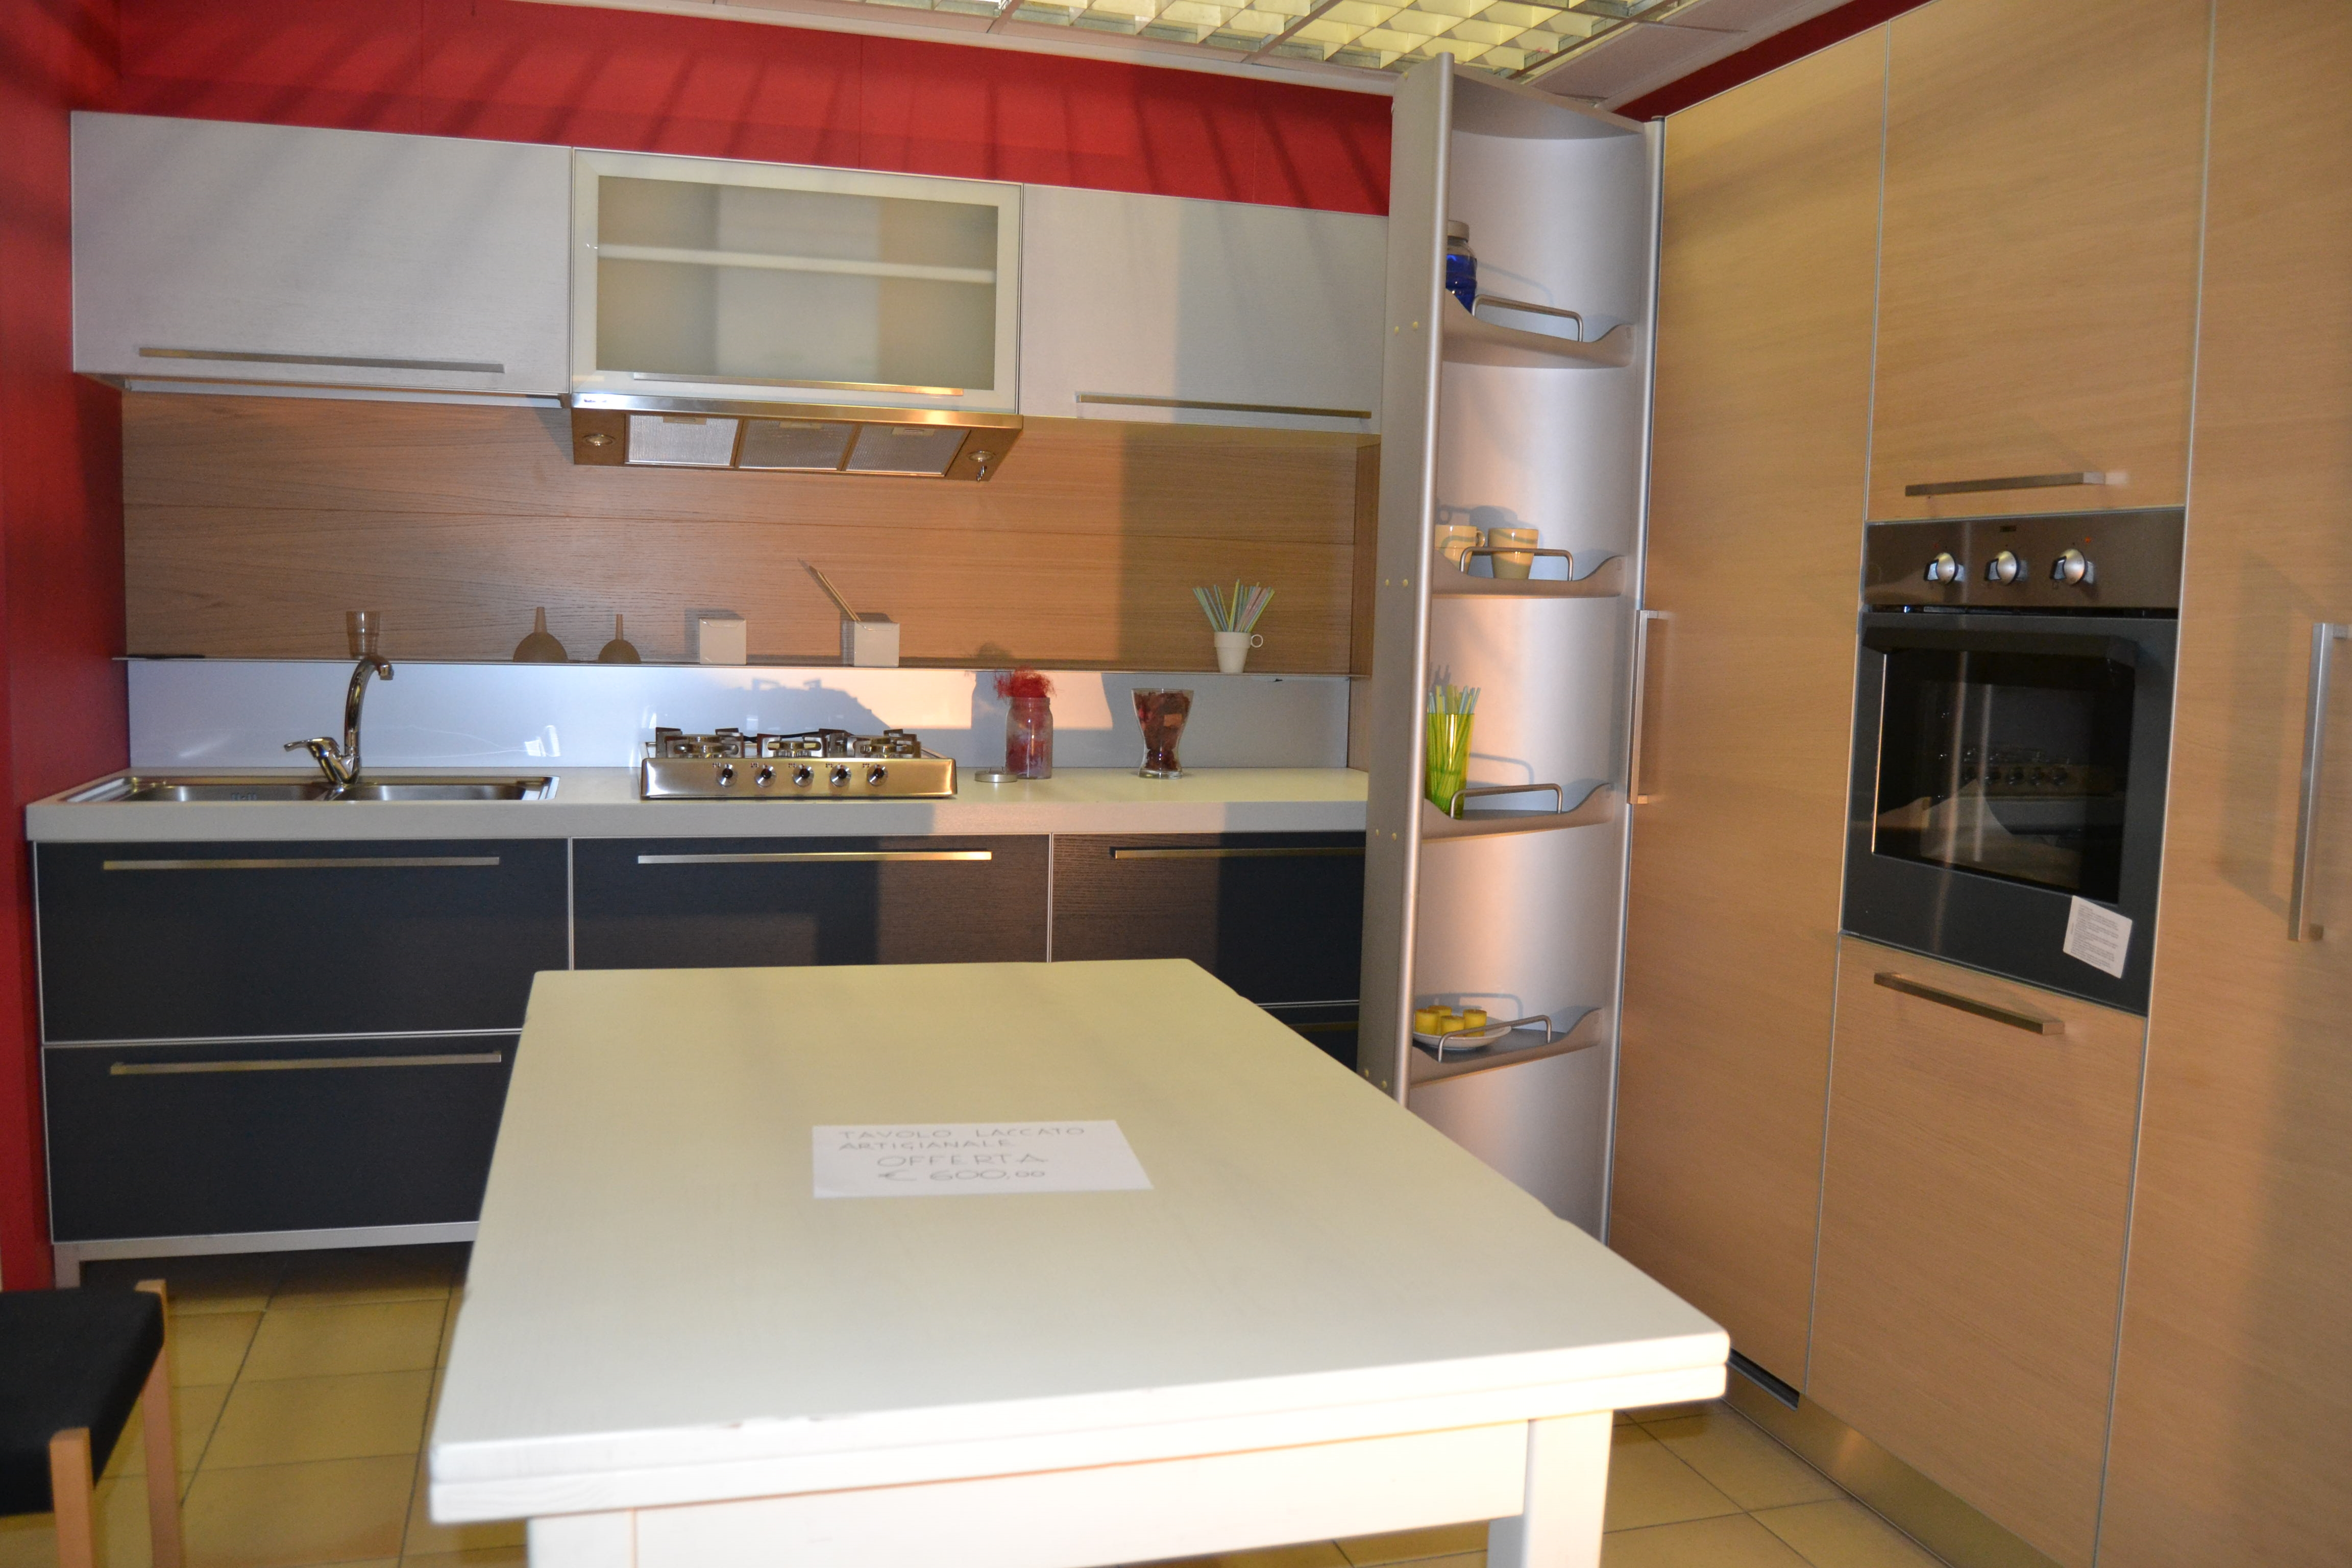 Mobile cucina ikea su misura - Cucine su misura ikea ...